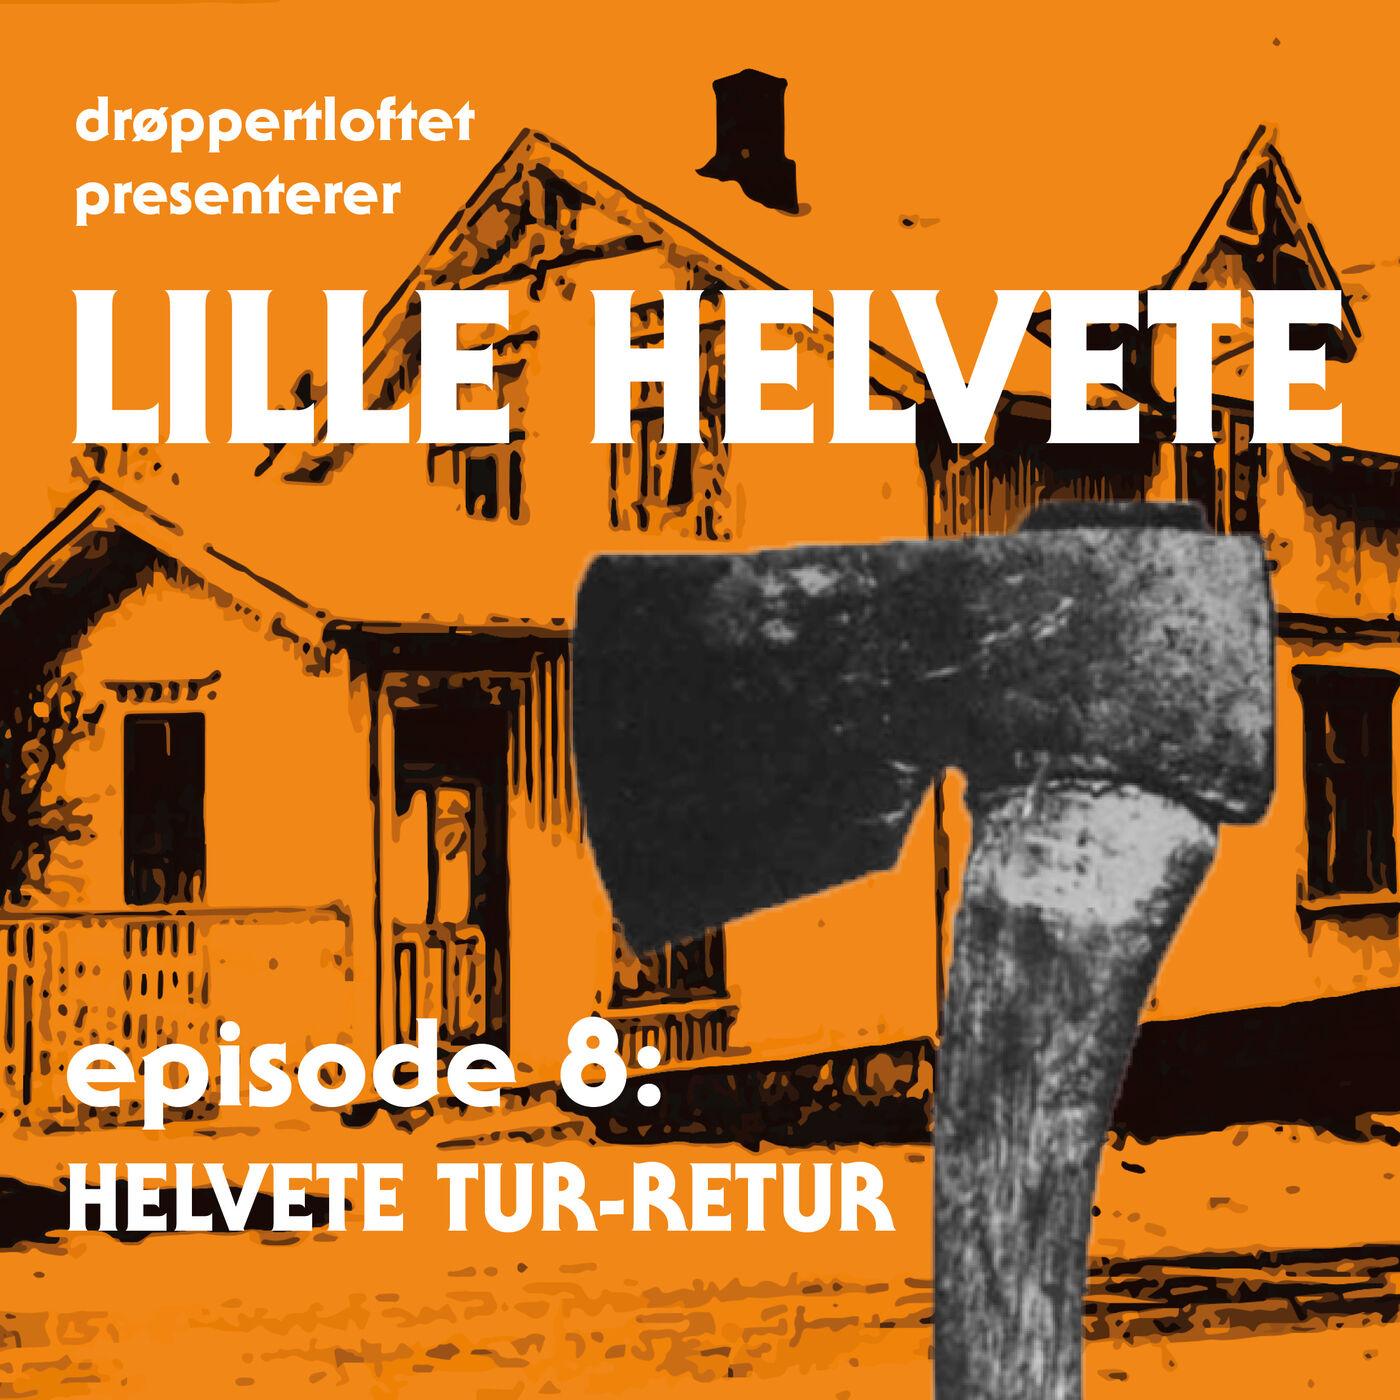 Episode 8: Helvete tur-retur